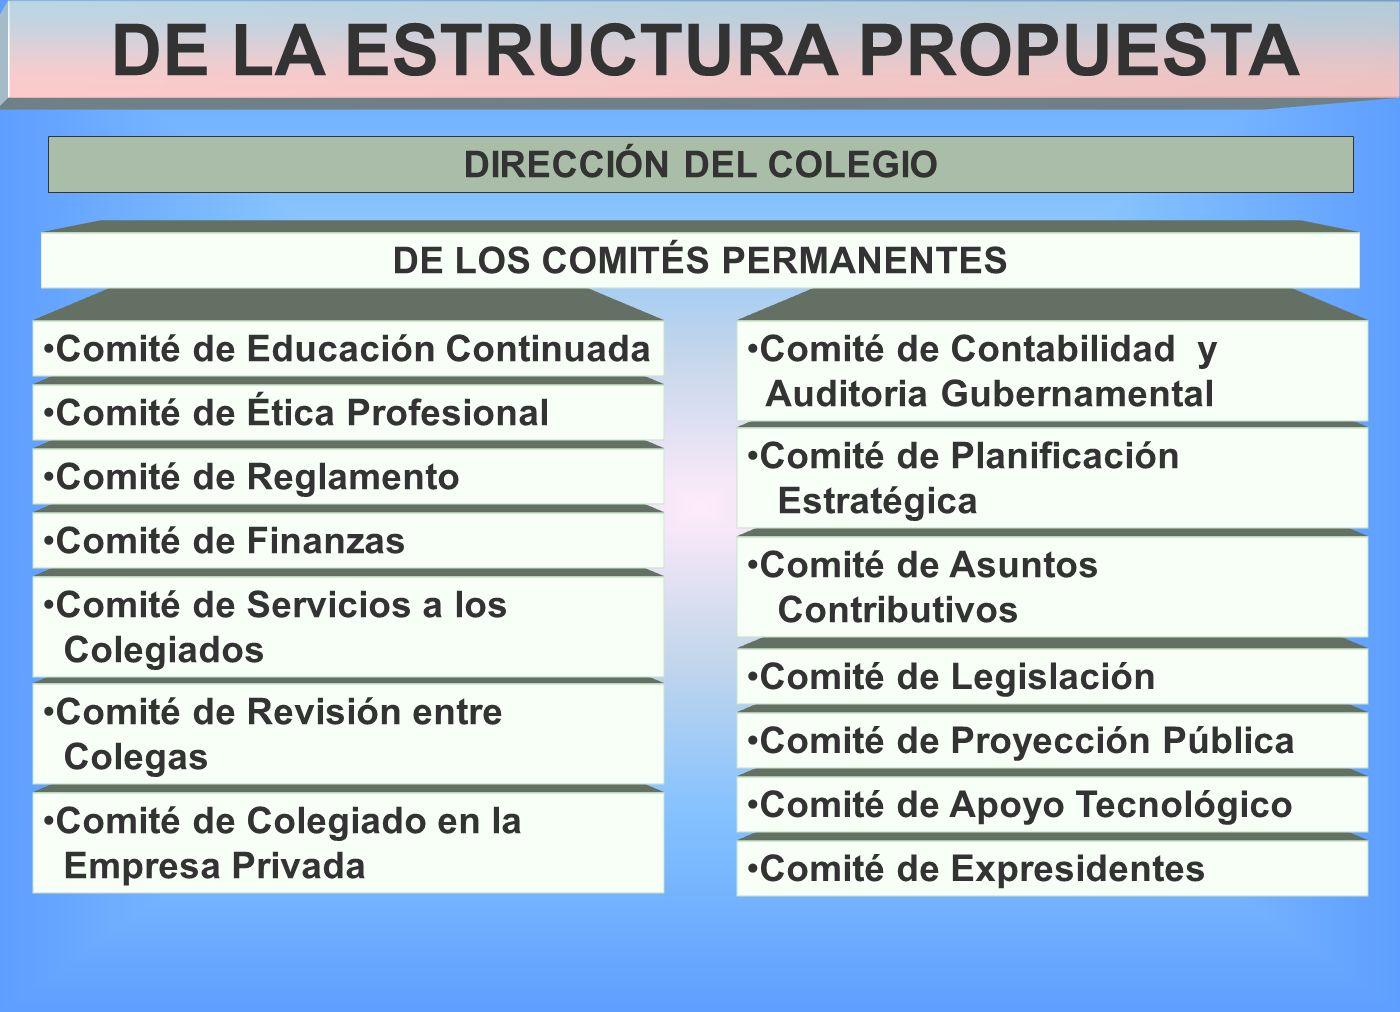 DE LA ESTRUCTURA PROPUESTA DE LOS COMITÉS PERMANENTES